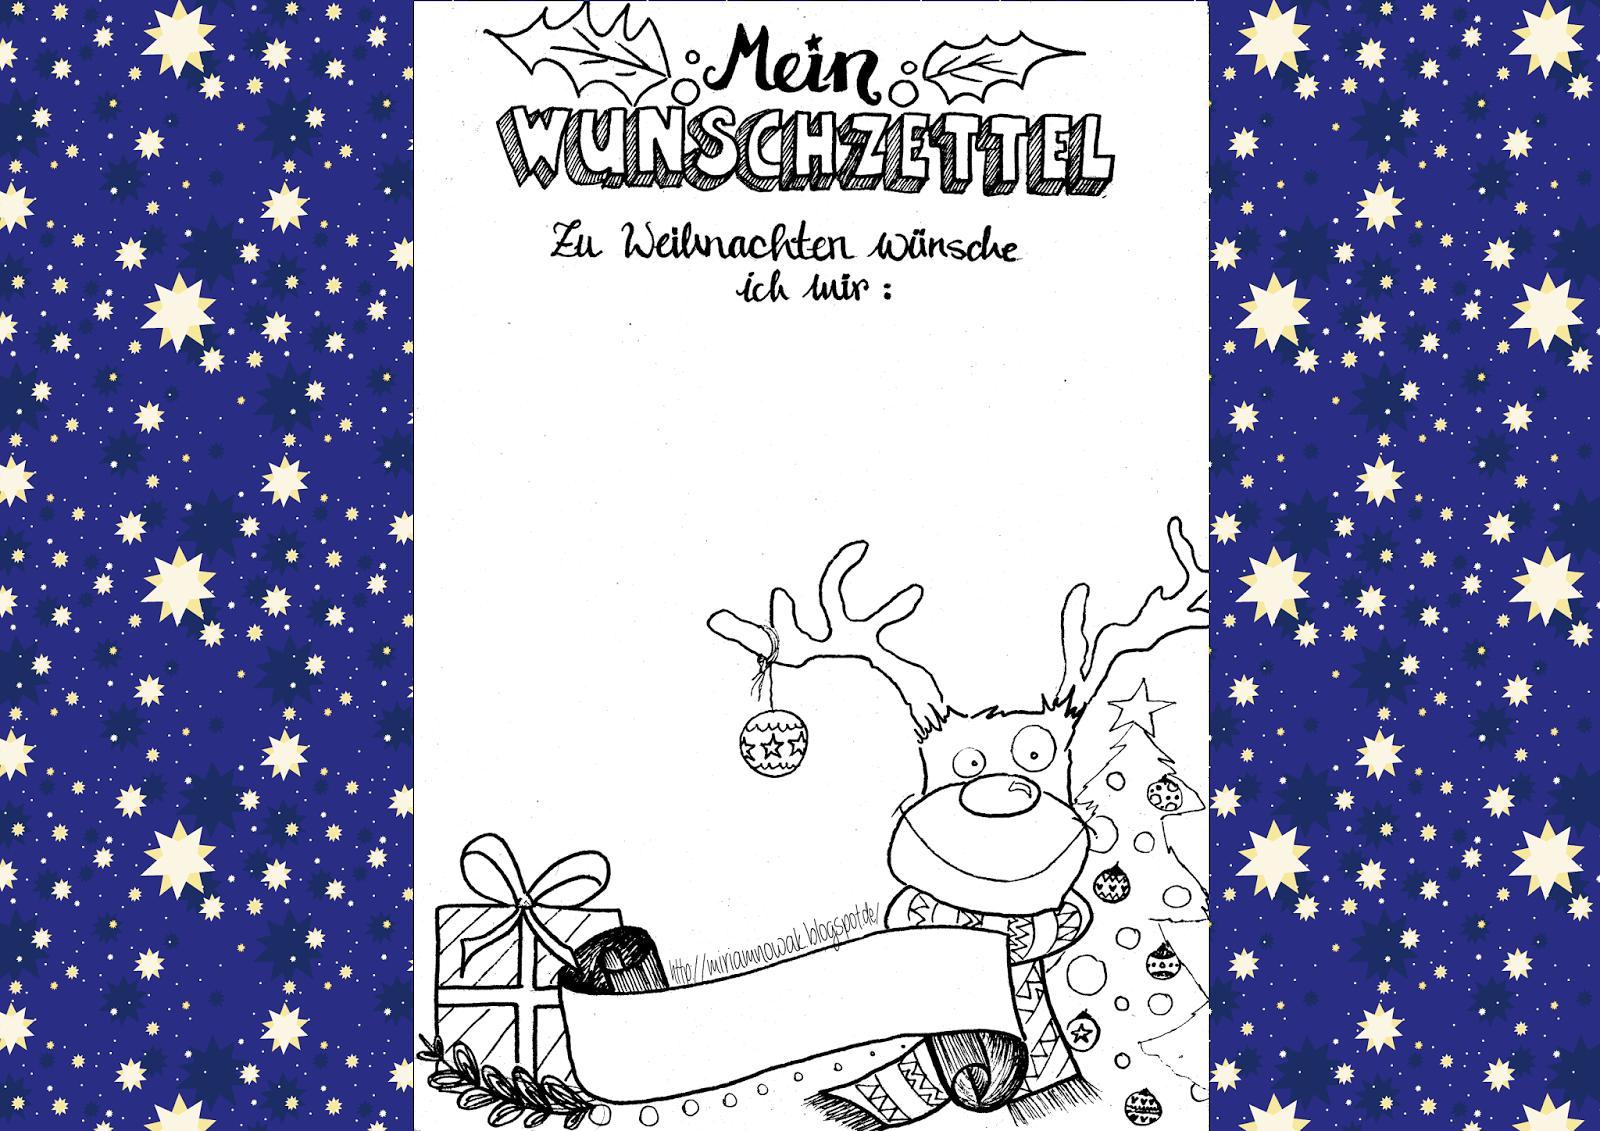 freebie weihnachtswunschzettel  wunschzettel brief